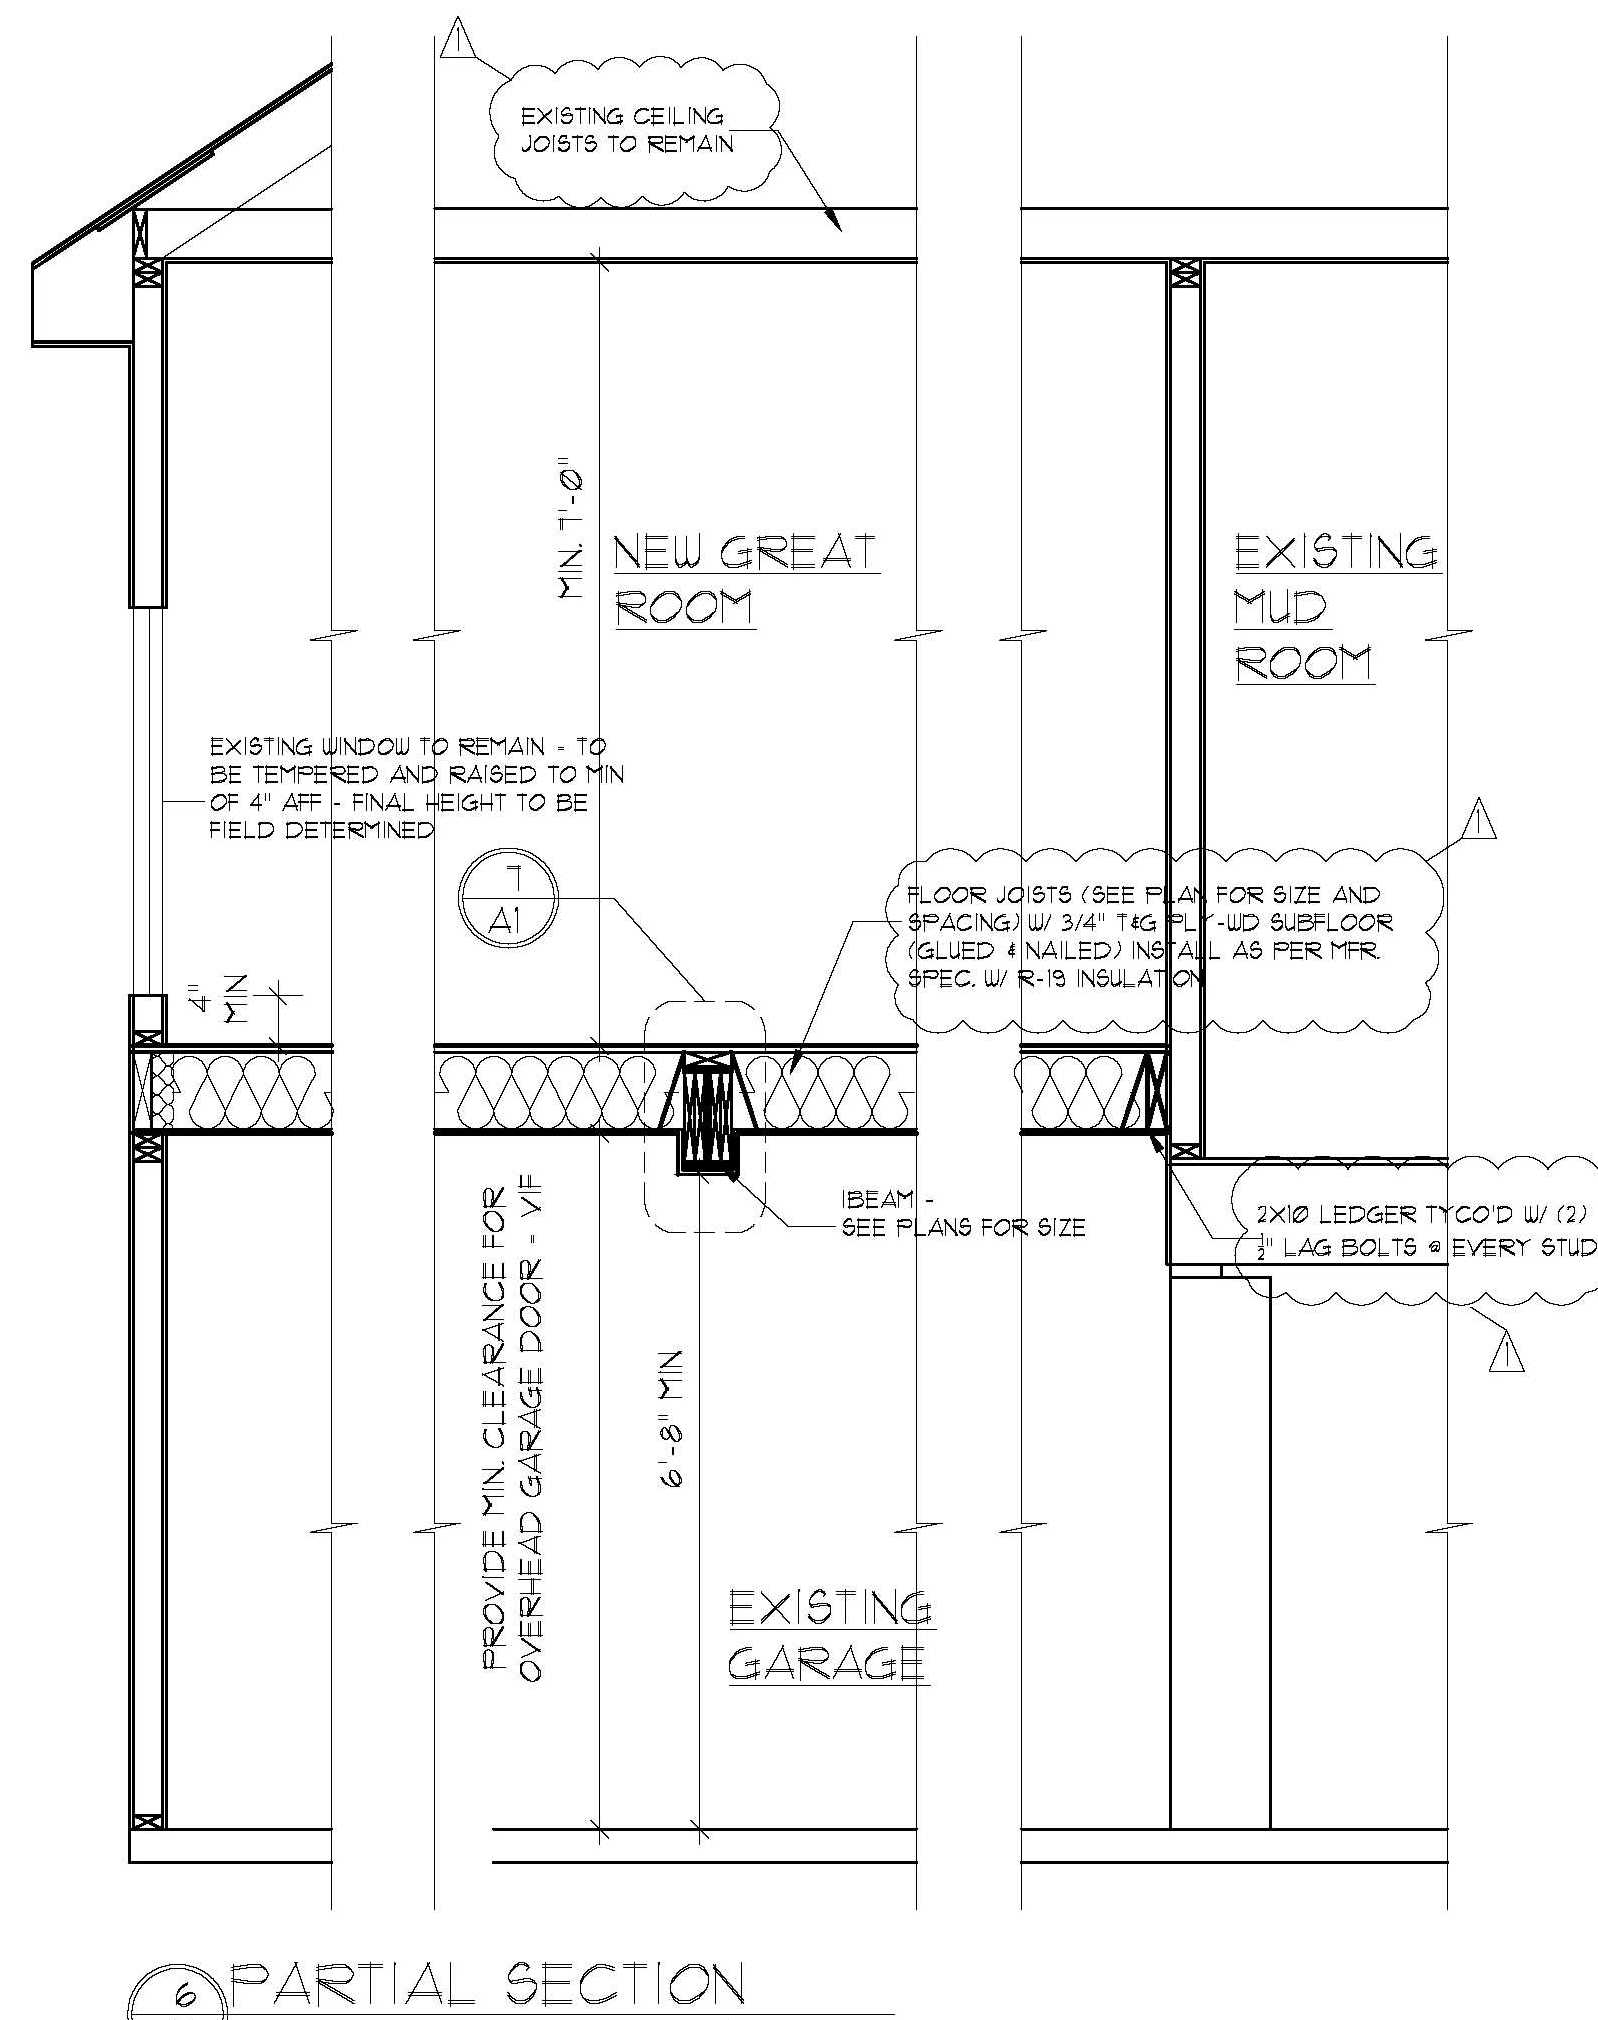 Minimum Ceiling Height For 7 Garage Door Windows